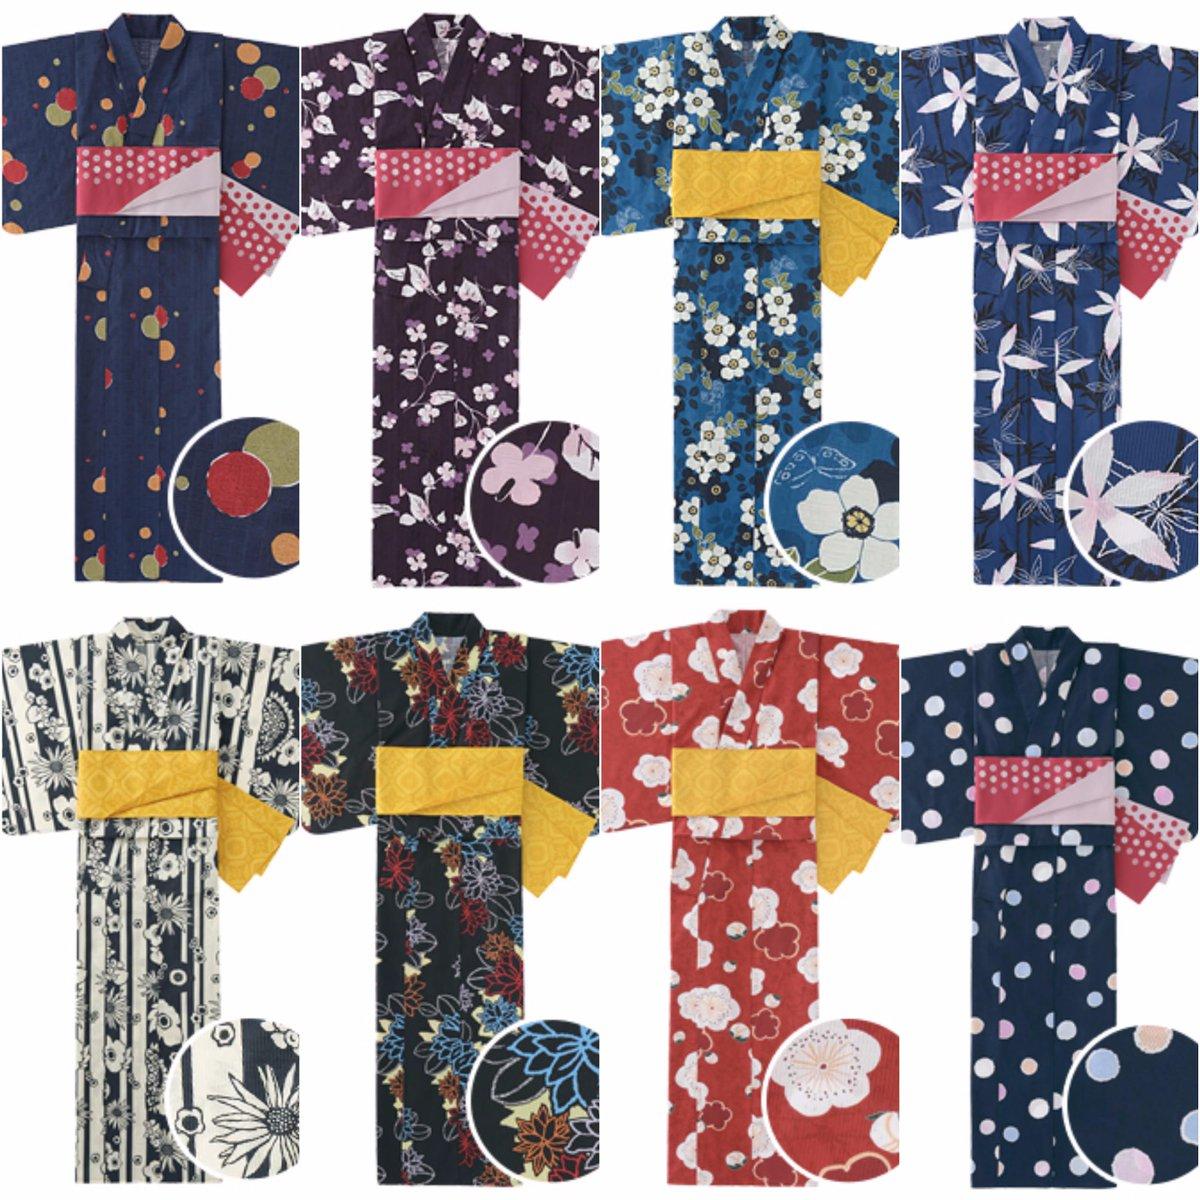 今年のユニクロ浴衣はモダンでレトロなデザイン。レディース全8種類をご紹介します♪  http//ommki.com/news/archives/3740 \u2026 浴衣 ユニクロ ユニクロ浴衣